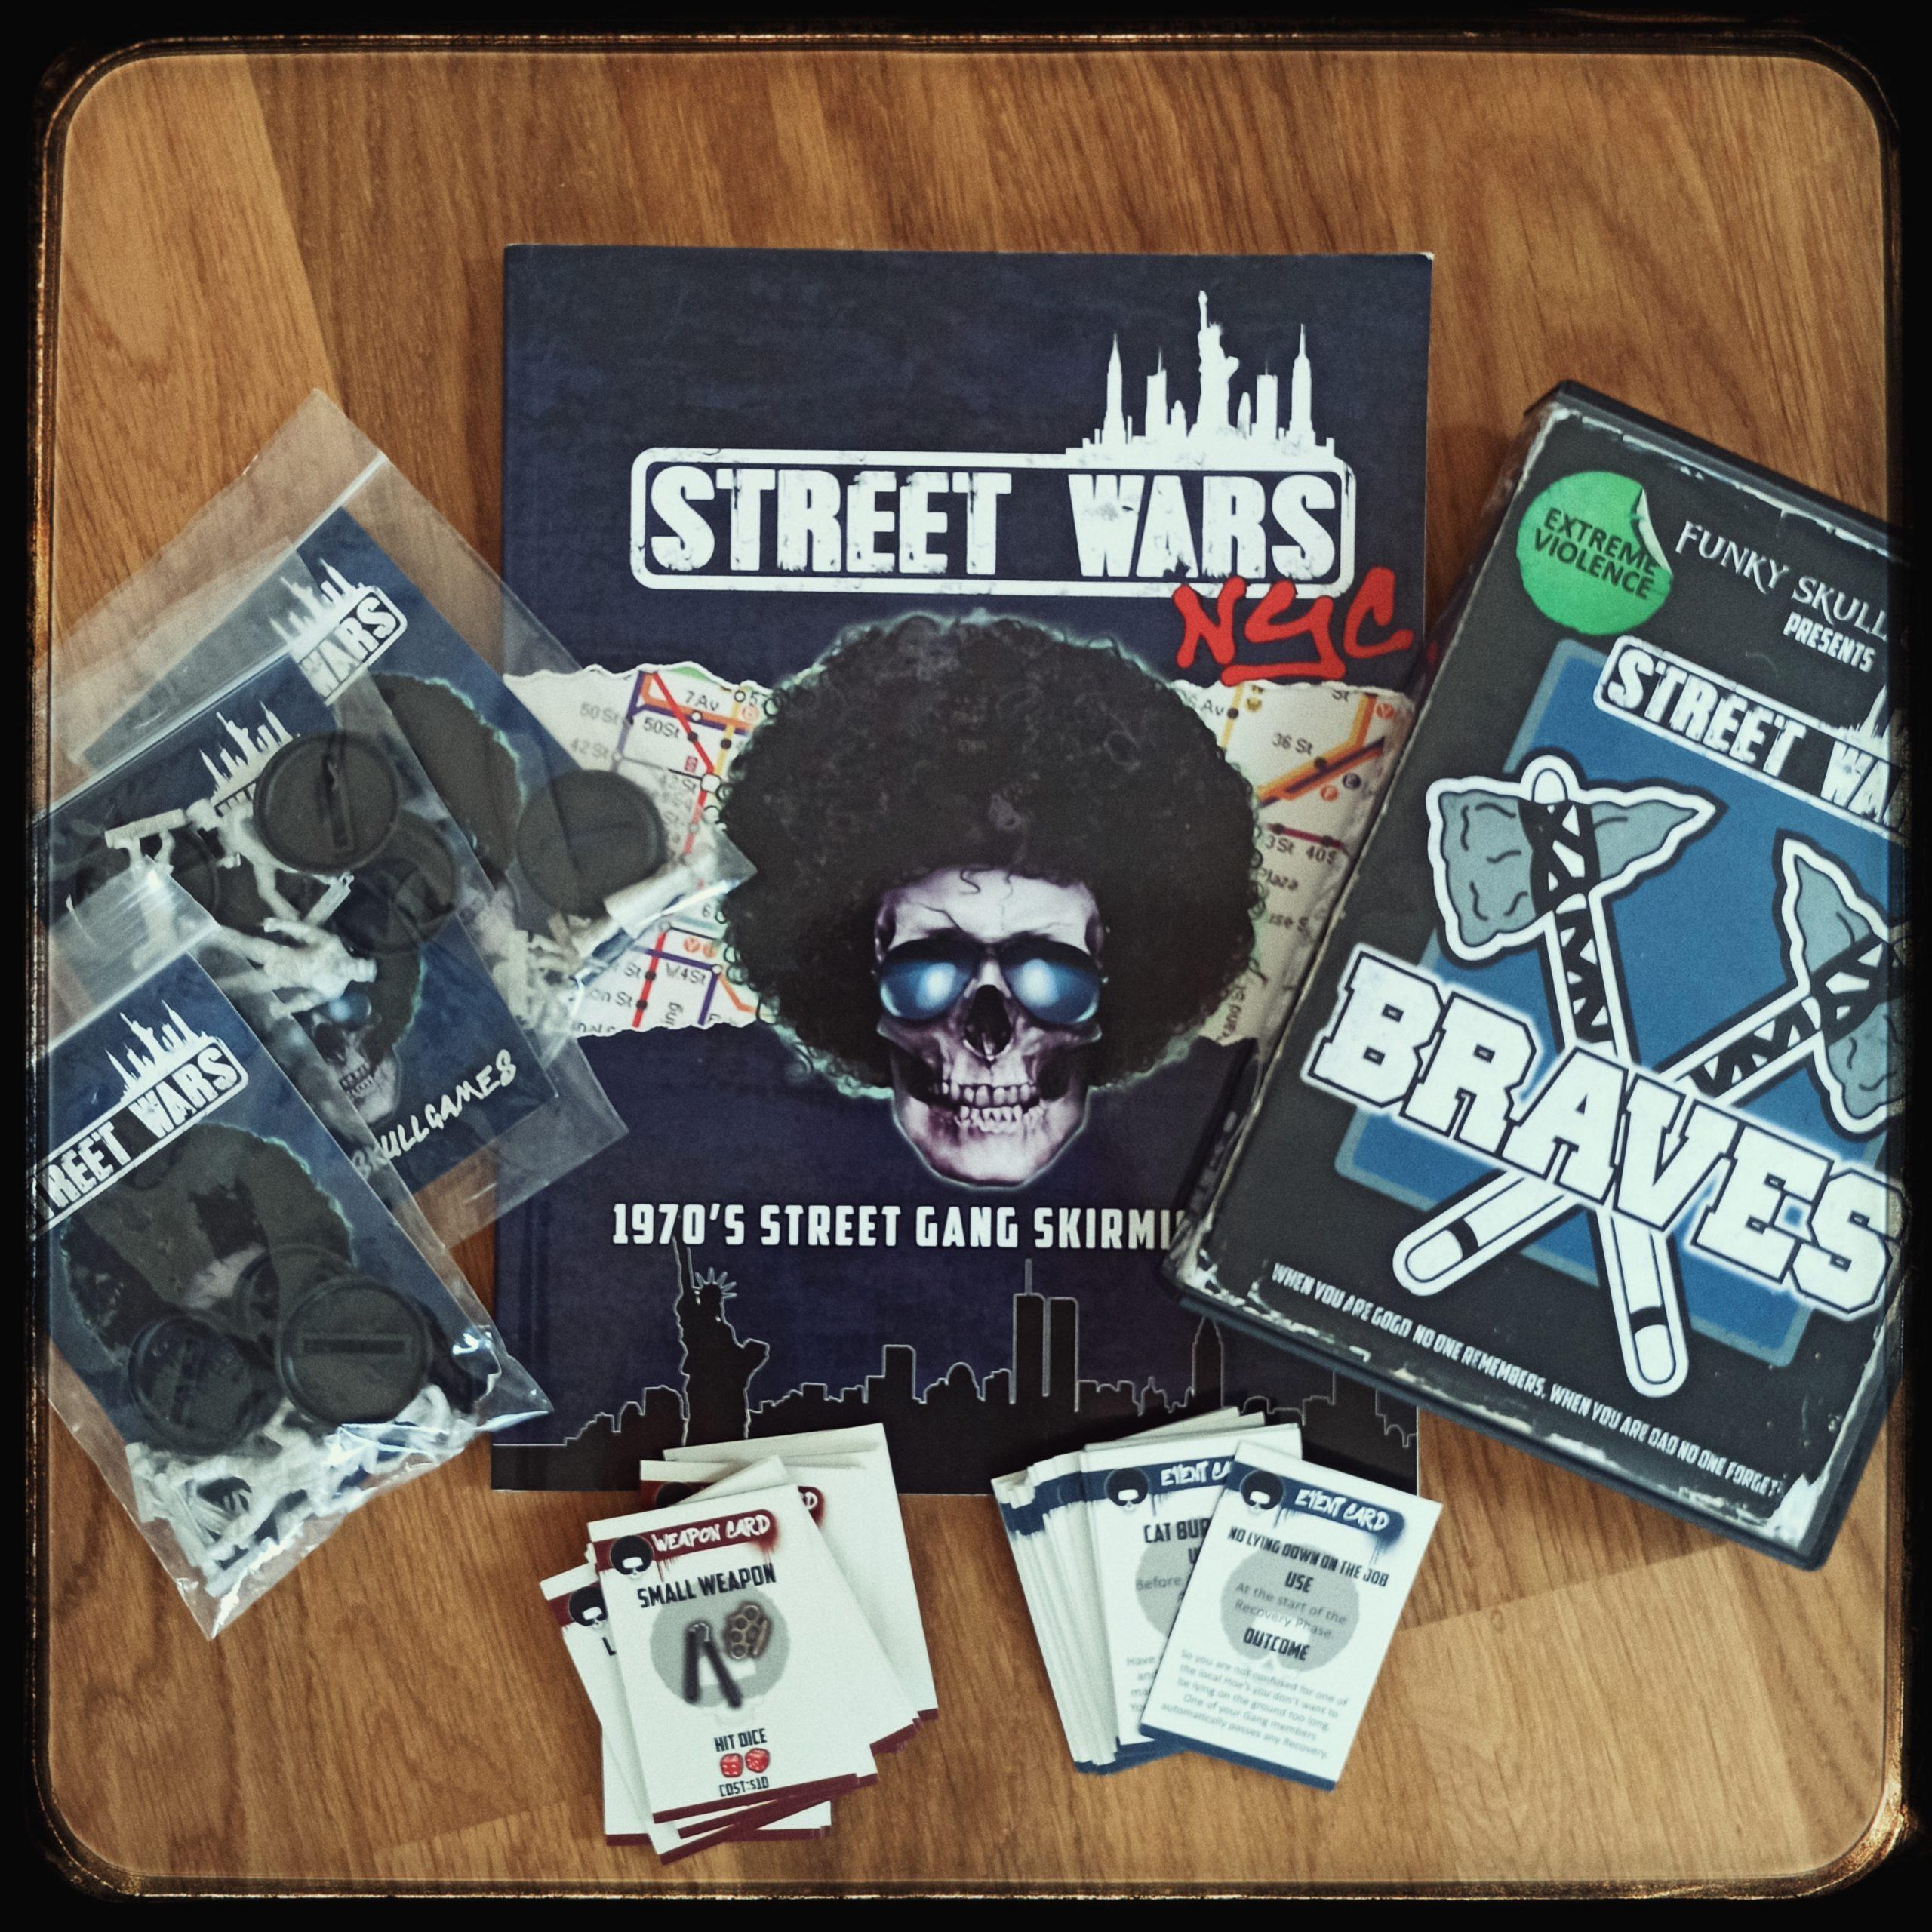 Street Wars NYC Funky Skull Games